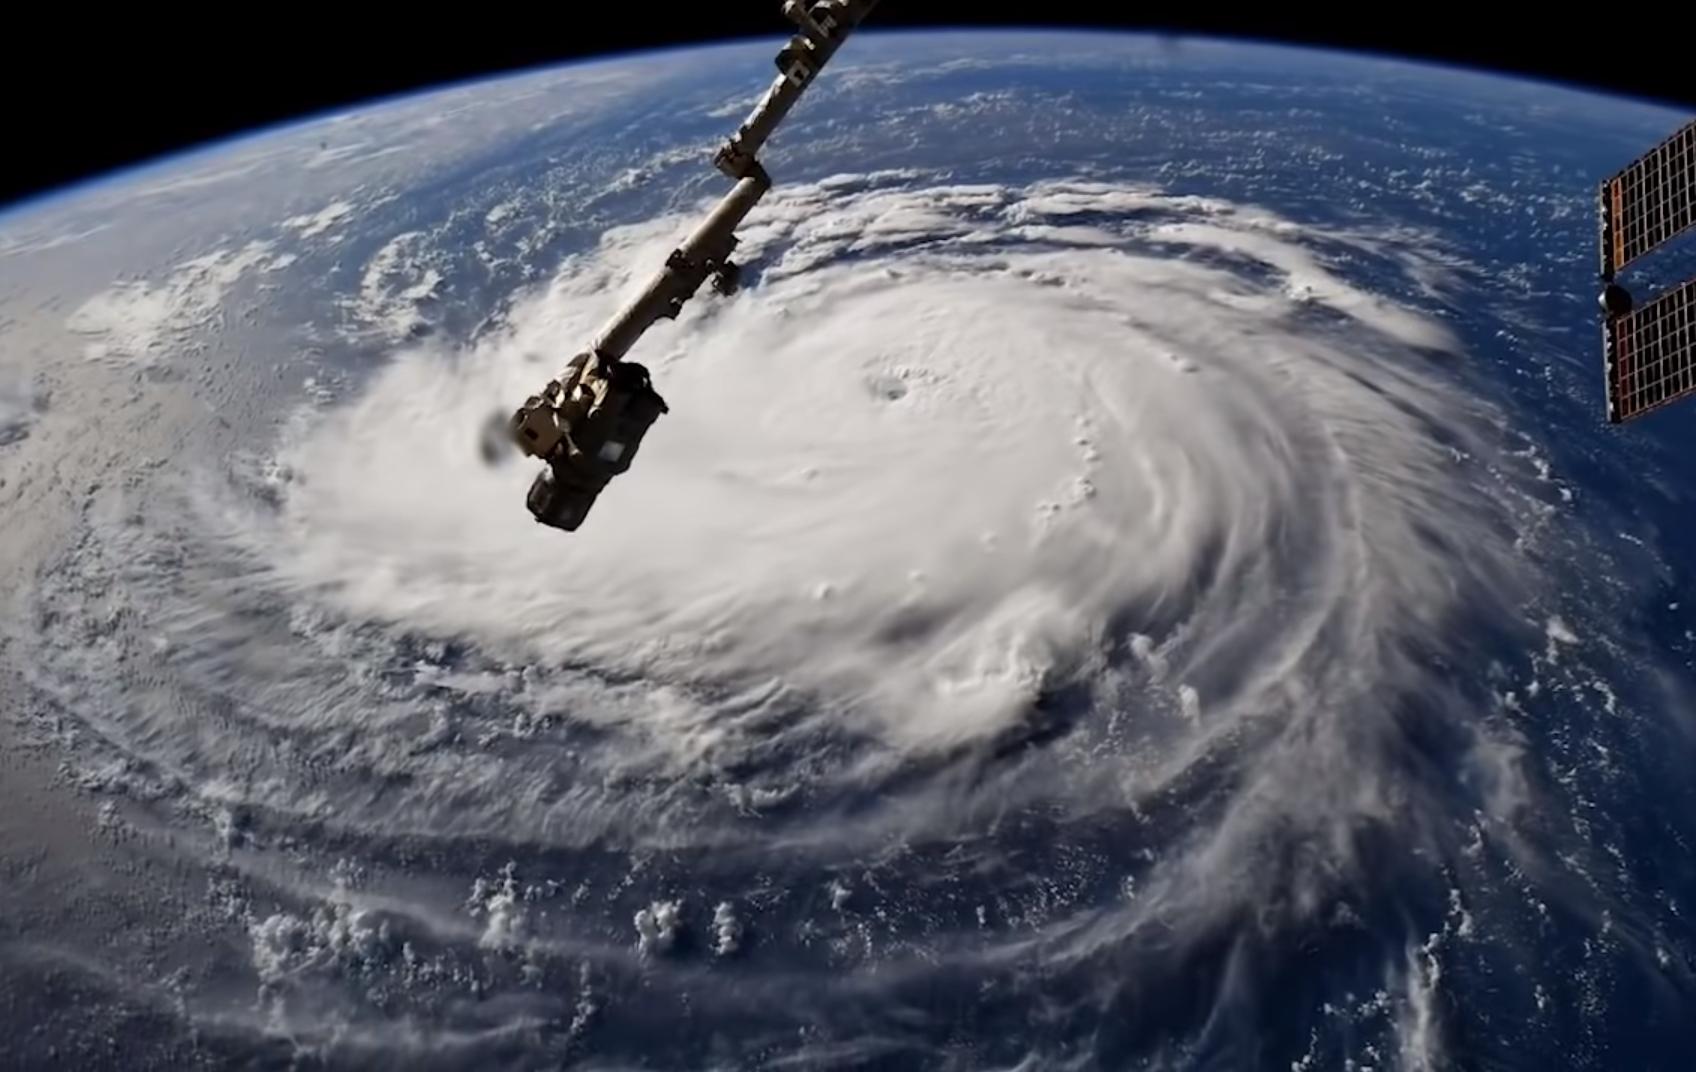 Трамп ввёл режим чрезвычайного положения в штате Виргиния в связи с приближением урагана «Флоренс», ураган, ураган «Флоренс», США , ЧП, Происшествия